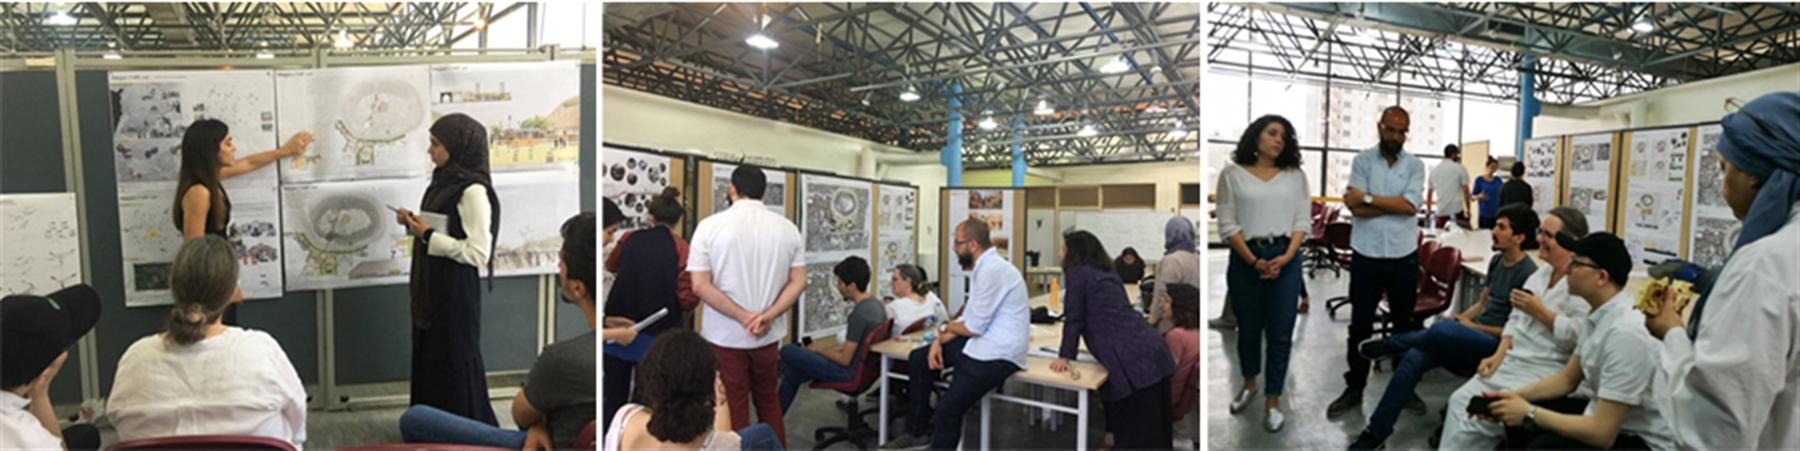 الطلاب يعرضون أعمالهم أمام لجنة التحكيم وزملائهم